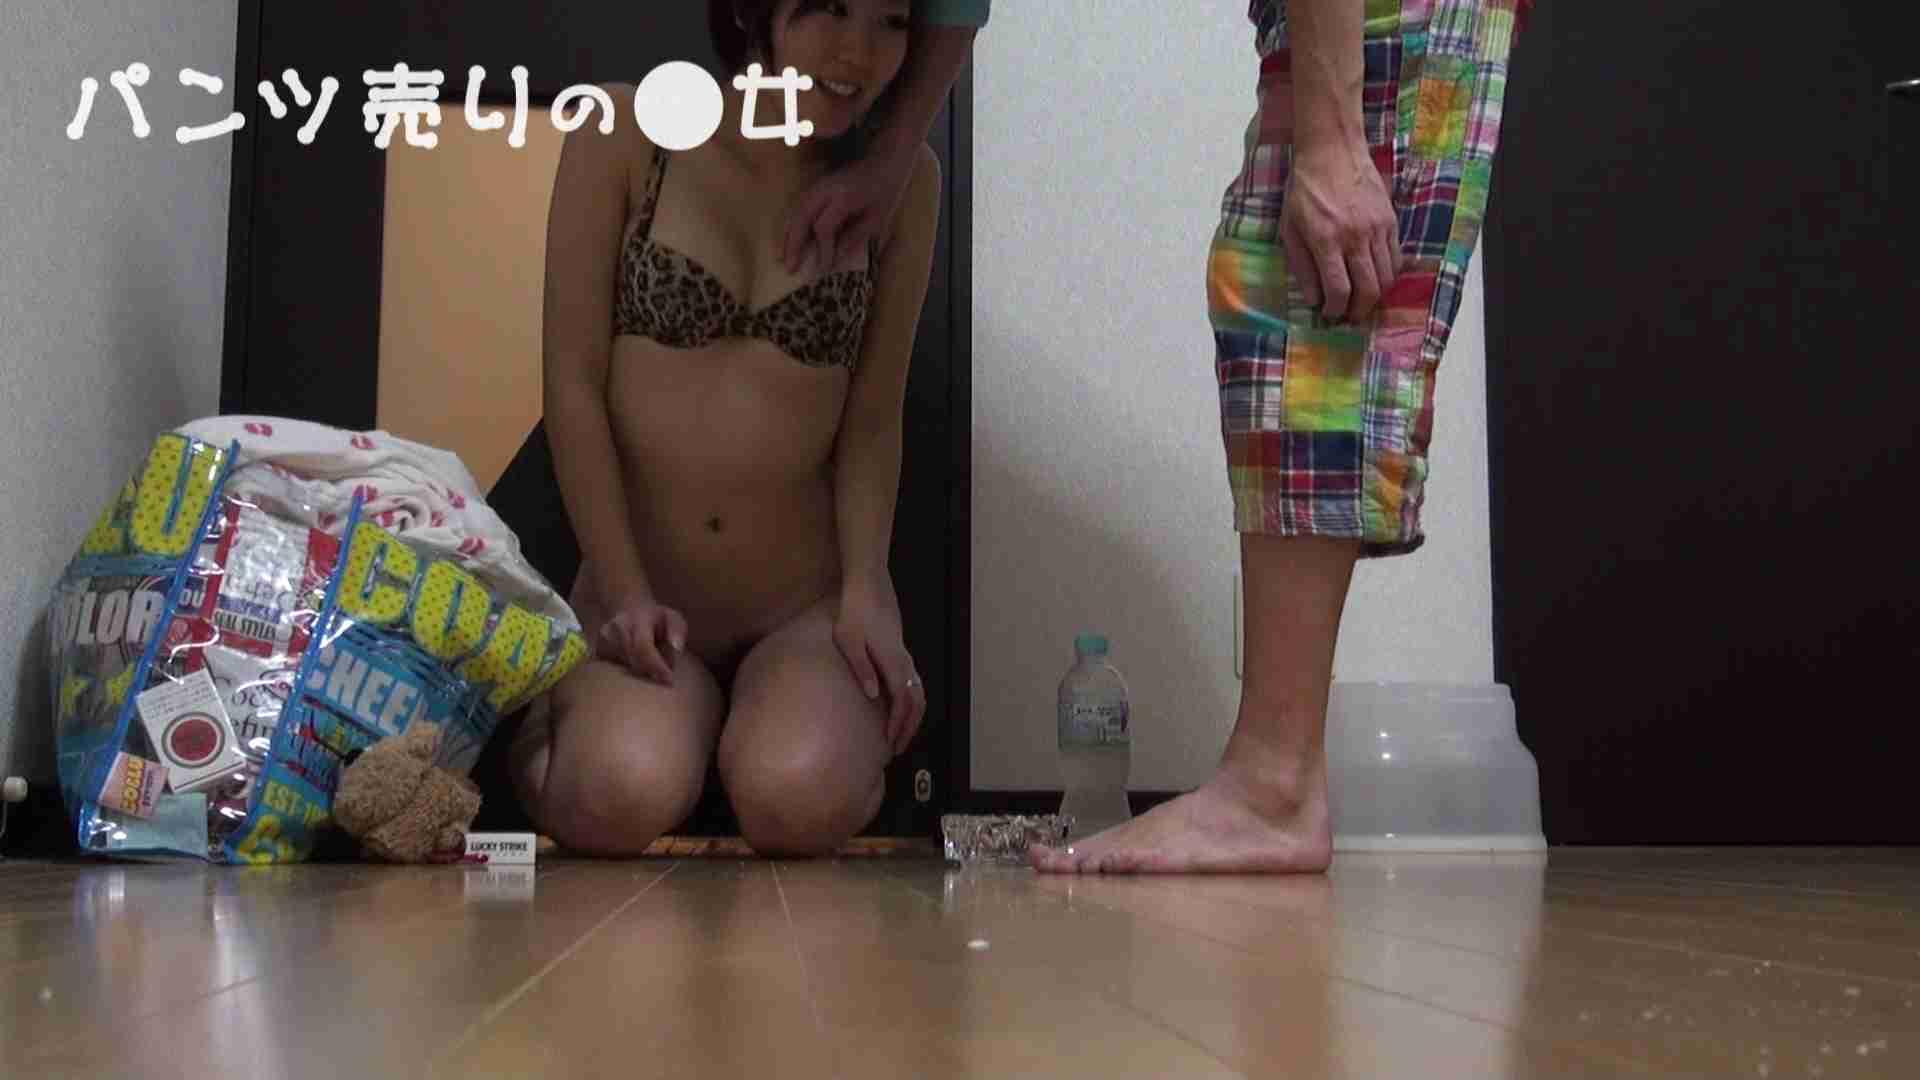 新説 パンツ売りの女の子nana02 盗撮 ヌード画像 102連発 17